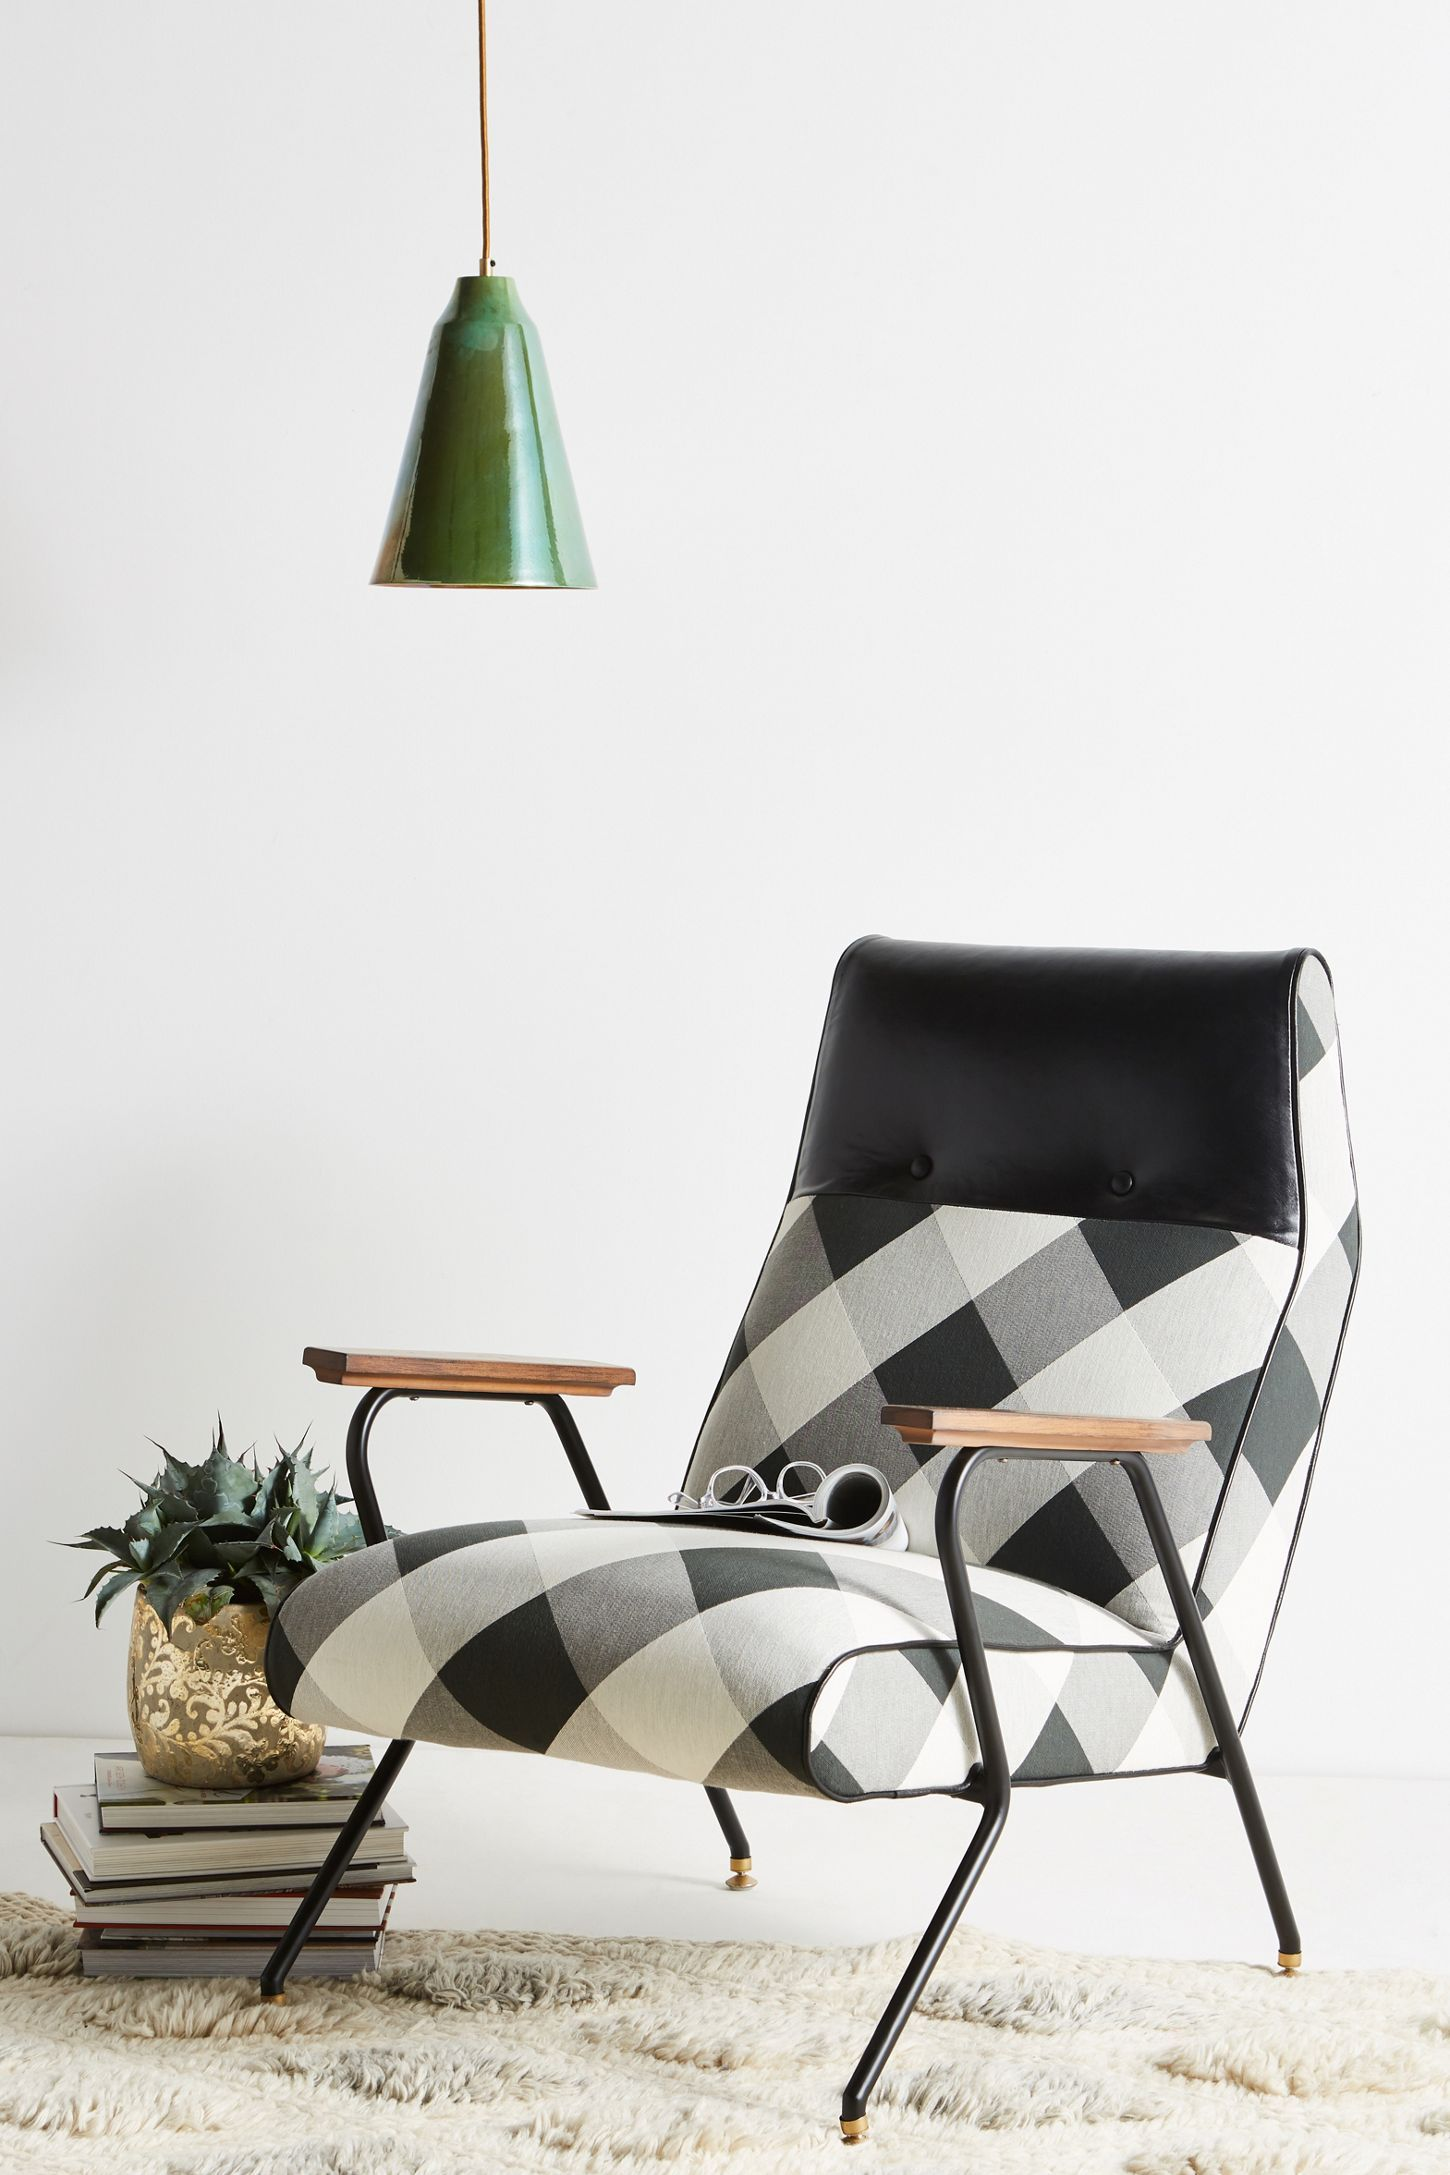 Buffalo check quentin chair lounge chair chair